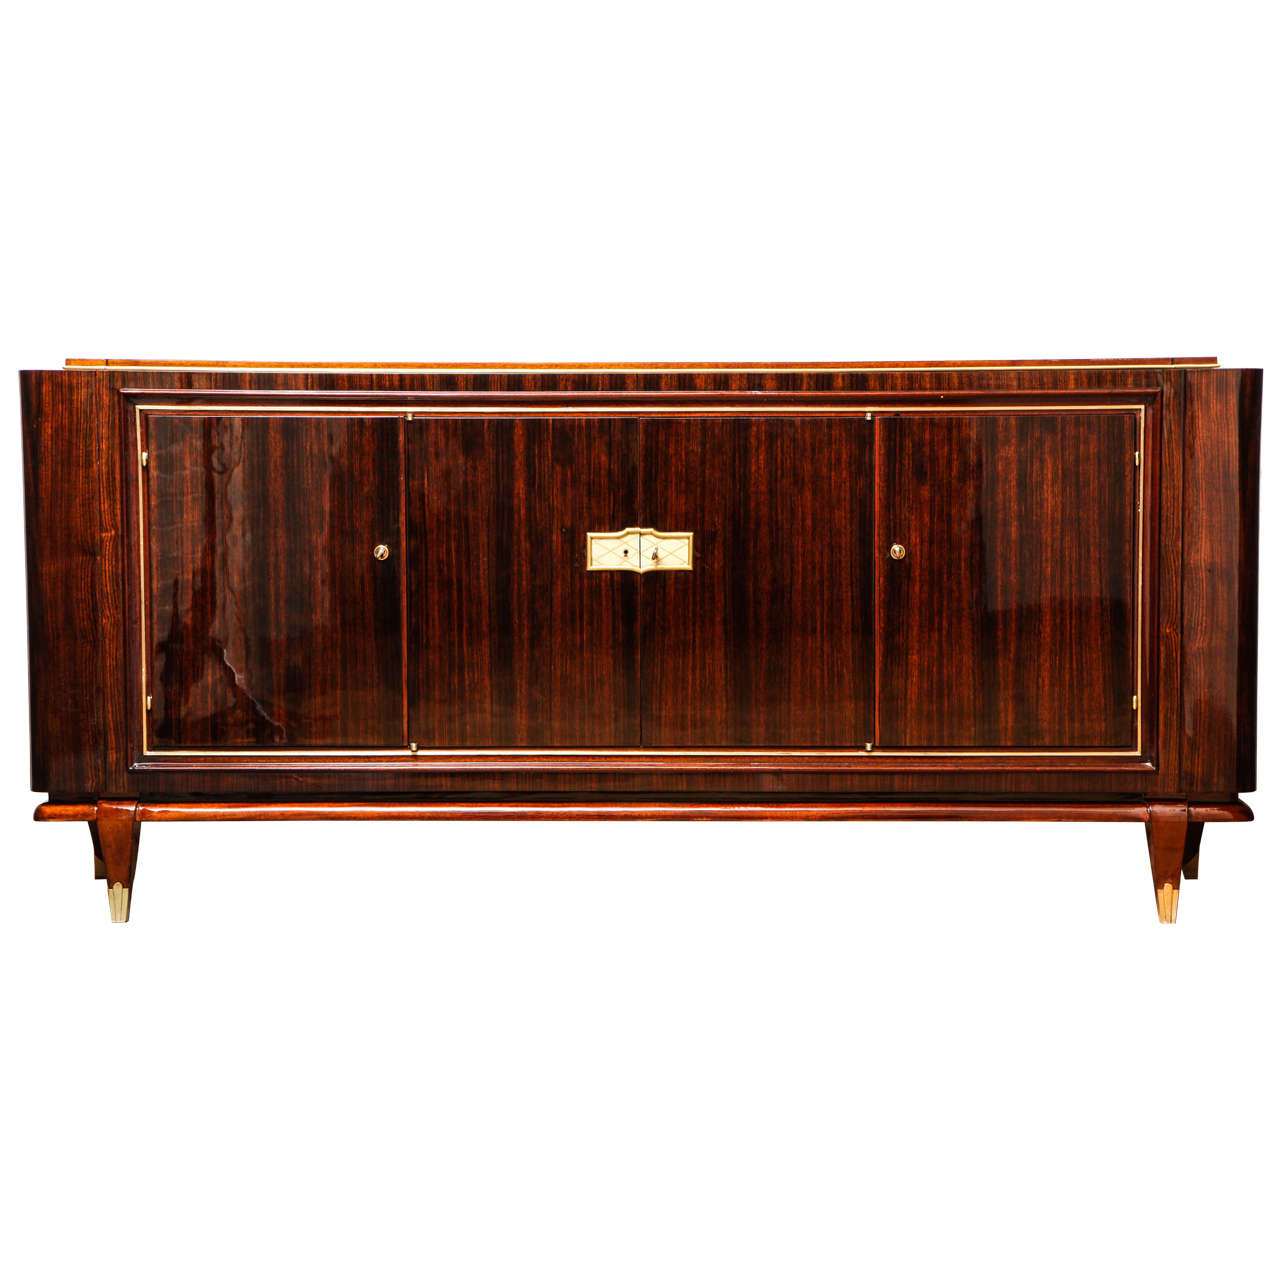 kommode walnussholz original art deco spiegel vitrine aus dunkelem walnussholz kommode. Black Bedroom Furniture Sets. Home Design Ideas